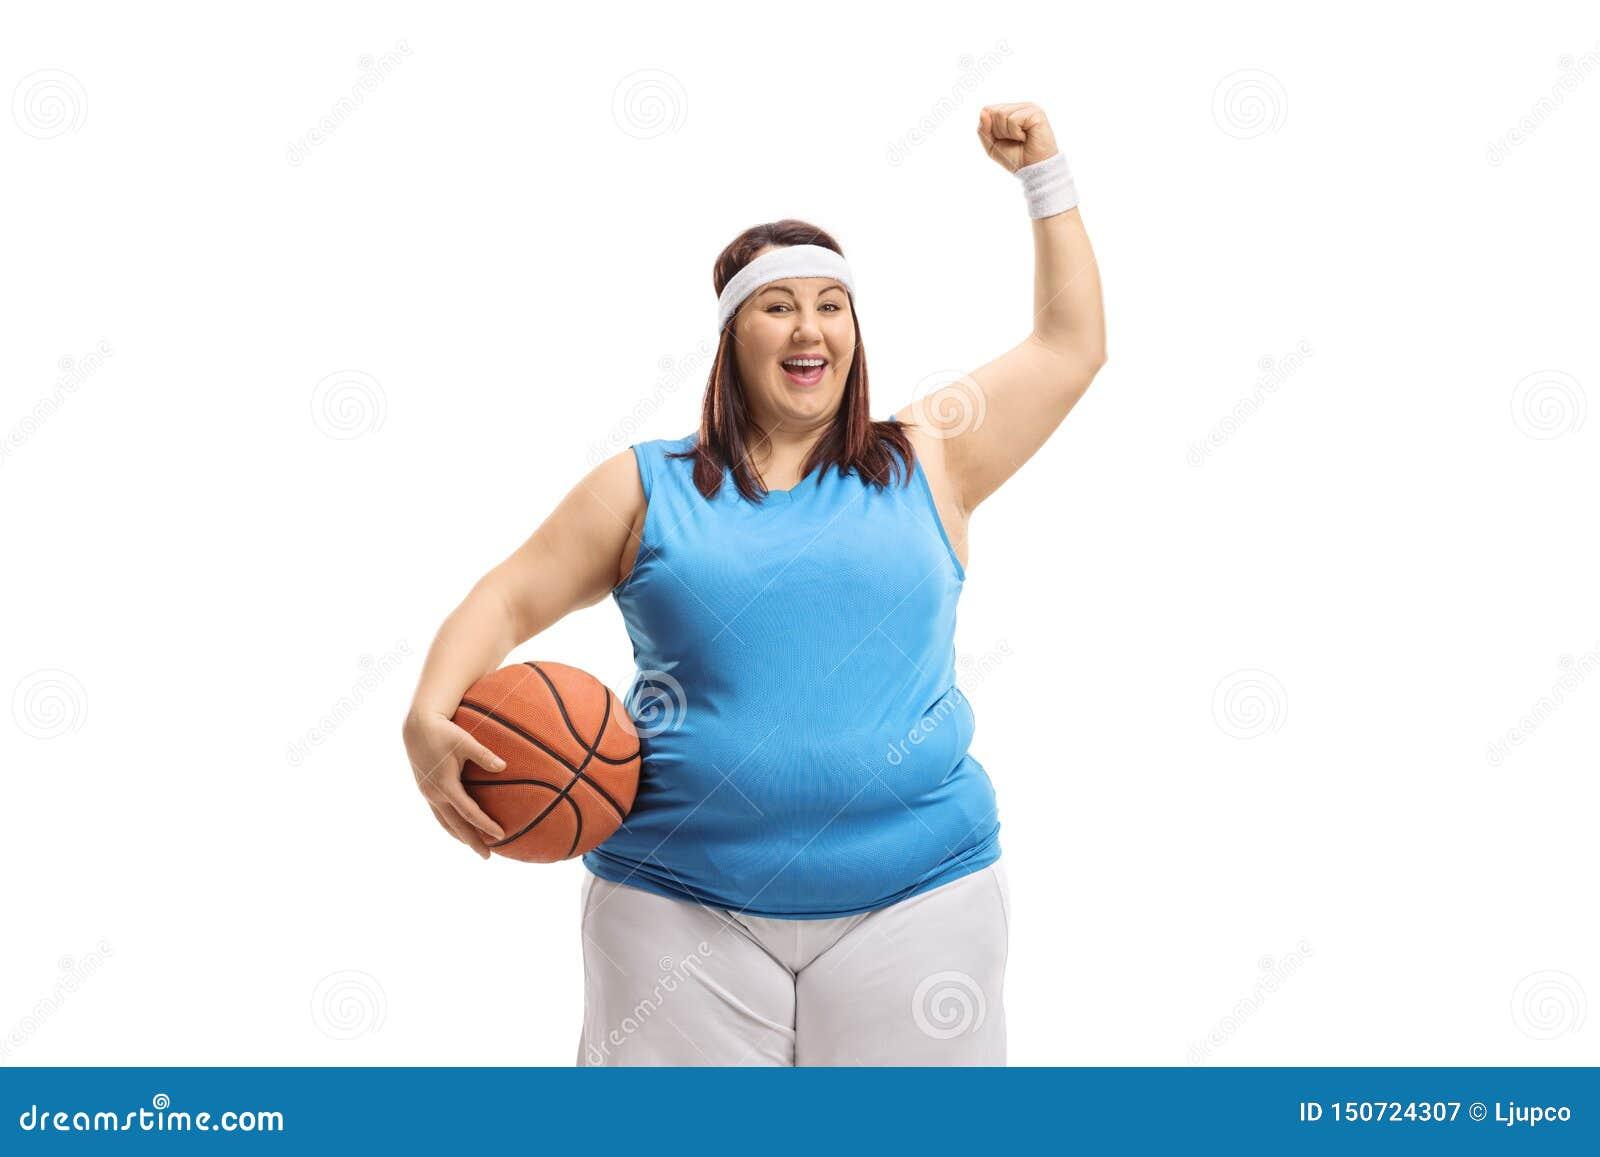 举行篮球和打手势幸福的肥头大耳的妇女